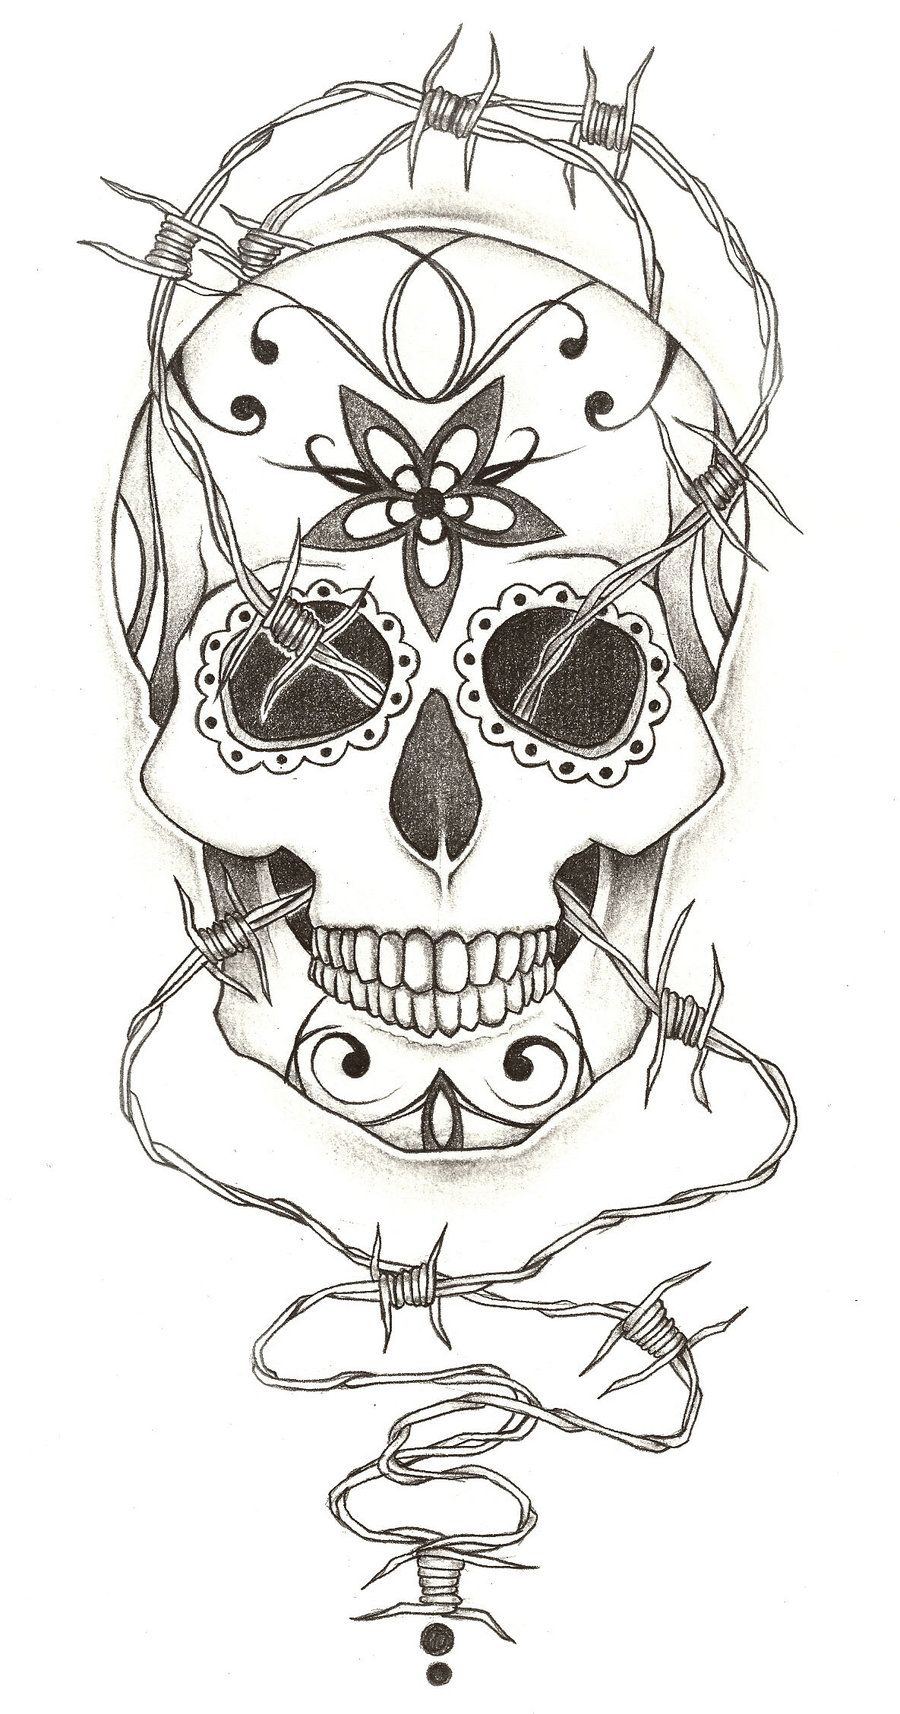 Sugar Skull Tattoo Design By Charlie MegaLoMad On DeviantART ...